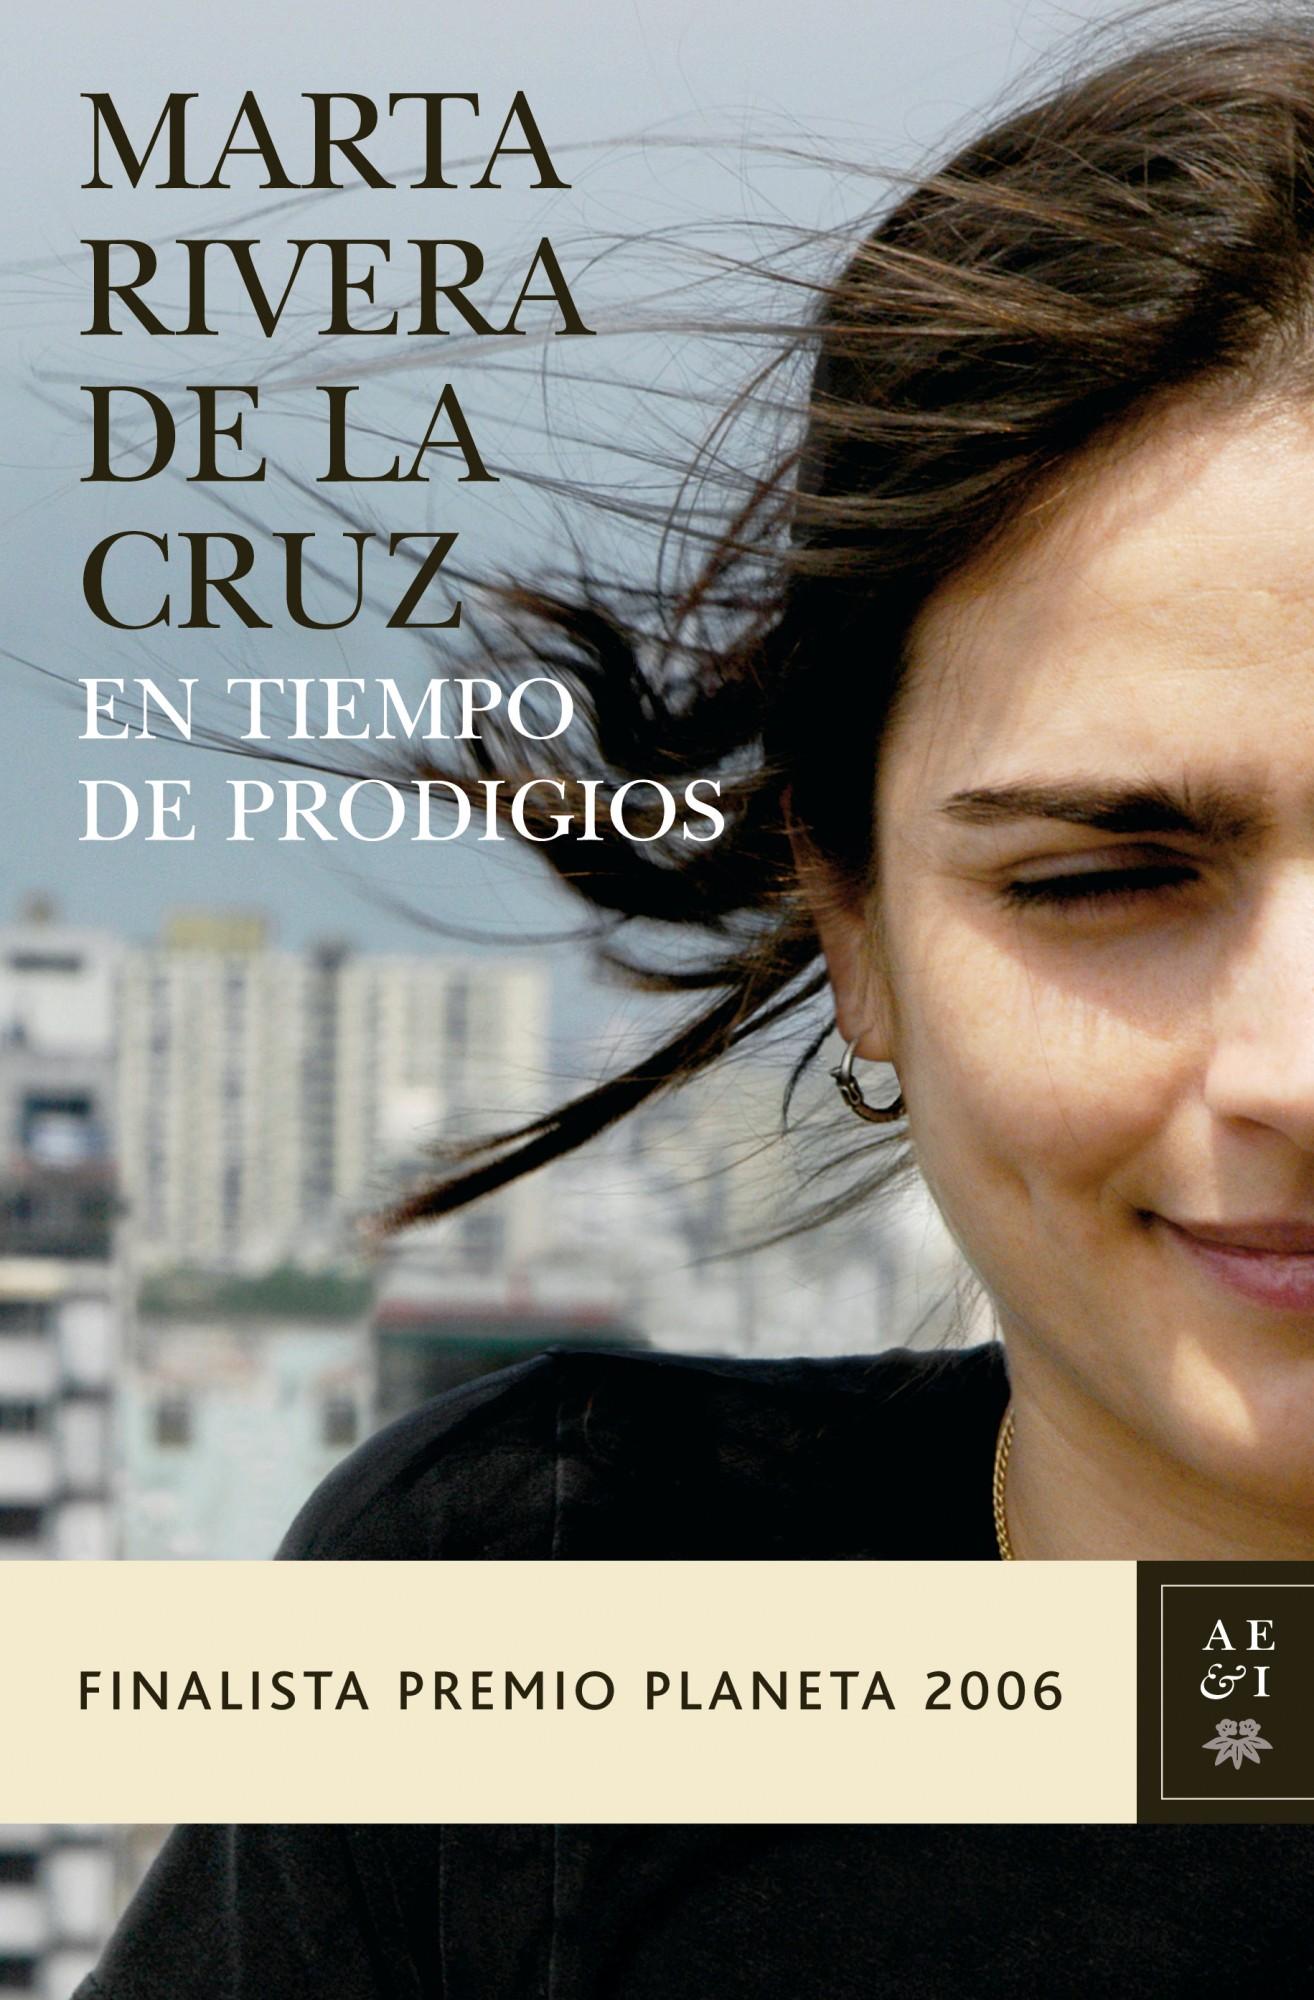 en tiempo de prodigios (finalista premio planeta 2006)-marta rivera de la cruz-9788408069010